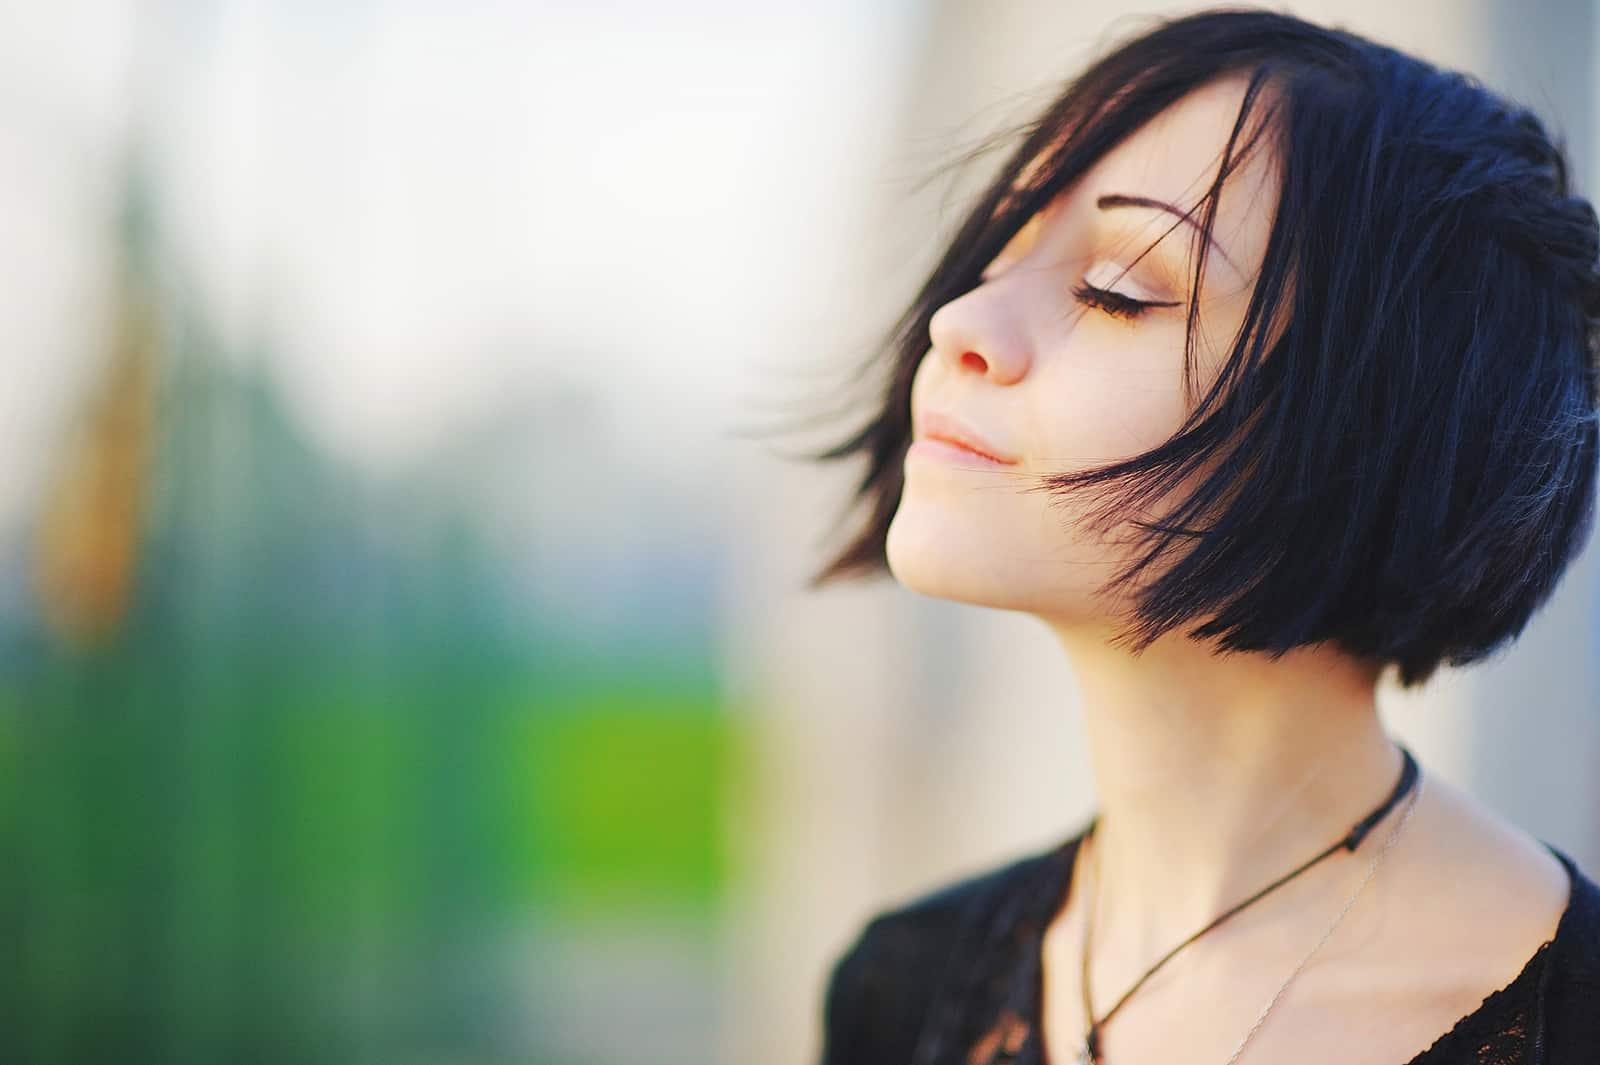 eine Frau mit geschlossenen Augen, die der Sonne zugewandt ist, während sie sich entspannt